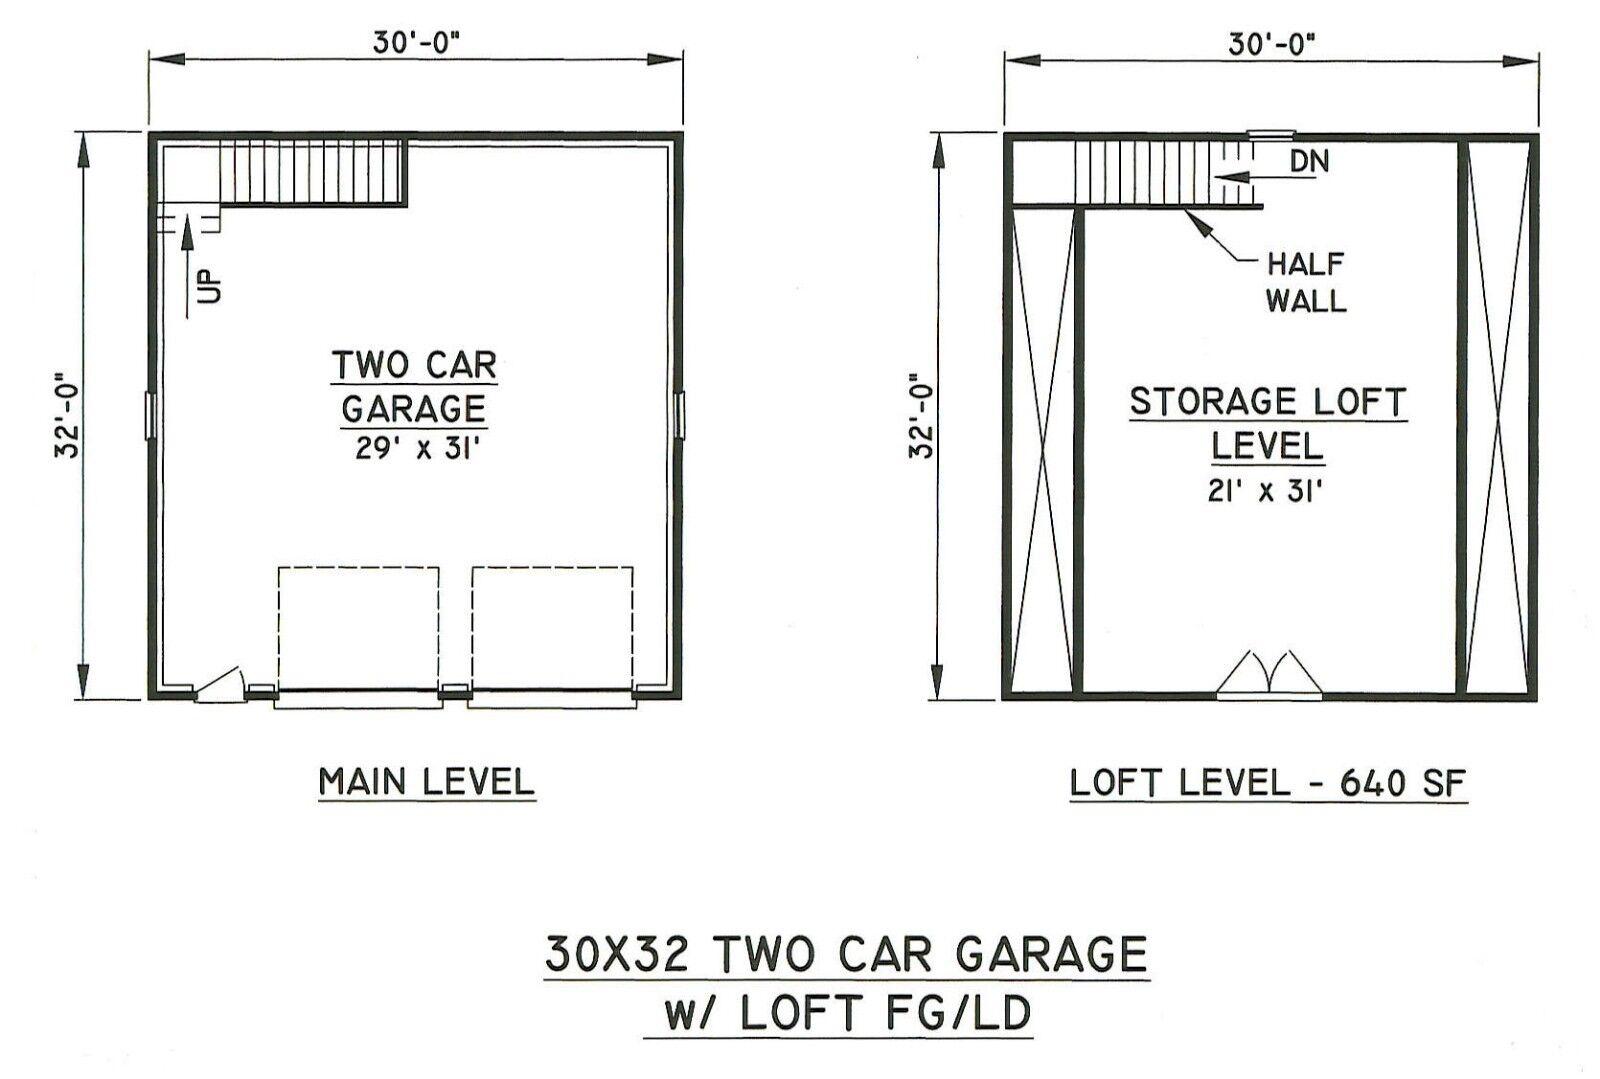 30x32 2 Car Front Gable Garage Building Blueprint Plans